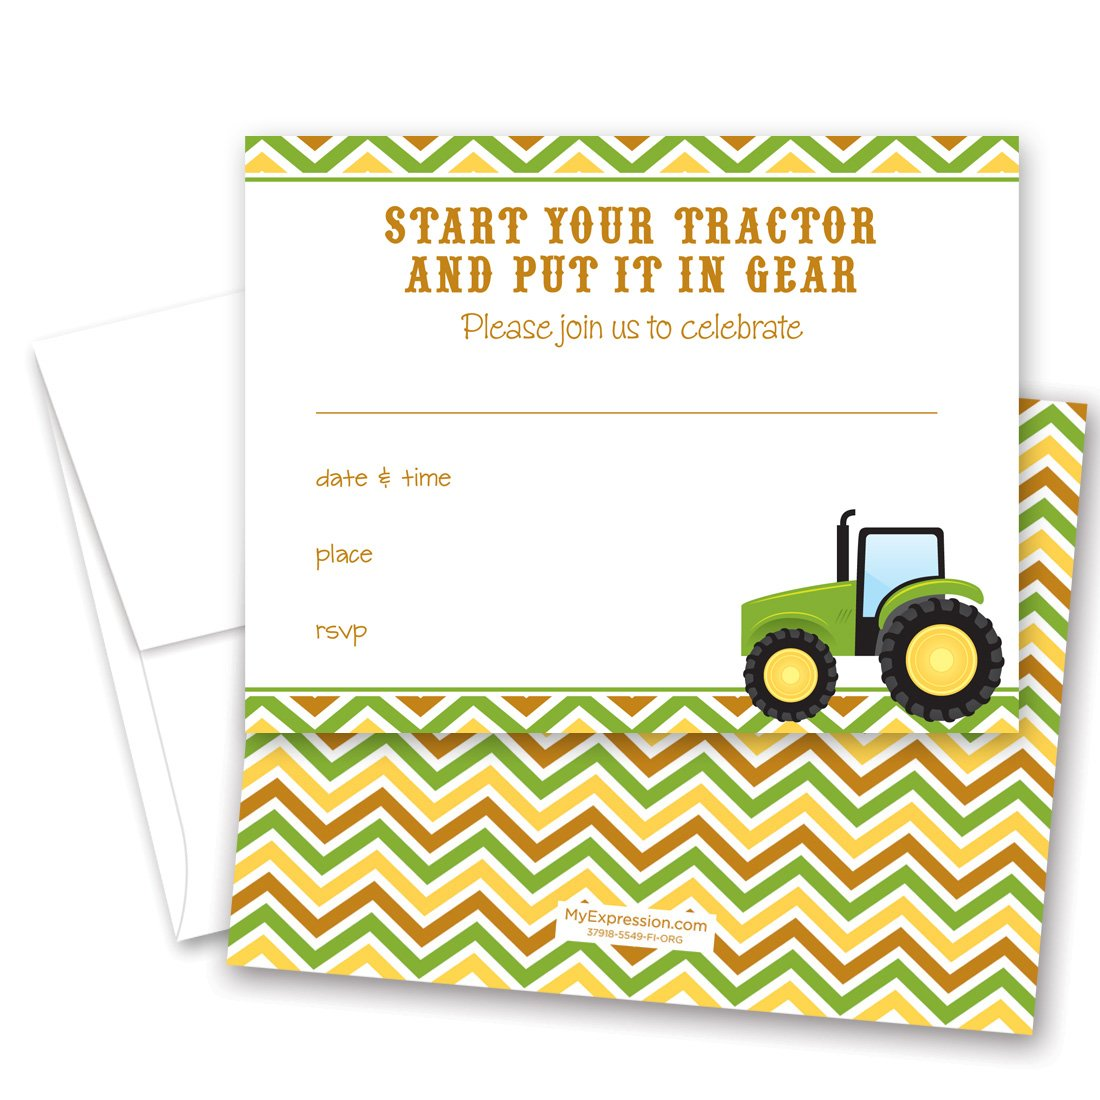 Amazon.com: 24 Green Tractor Multi Chevron Fill-in Kids Birthday ...